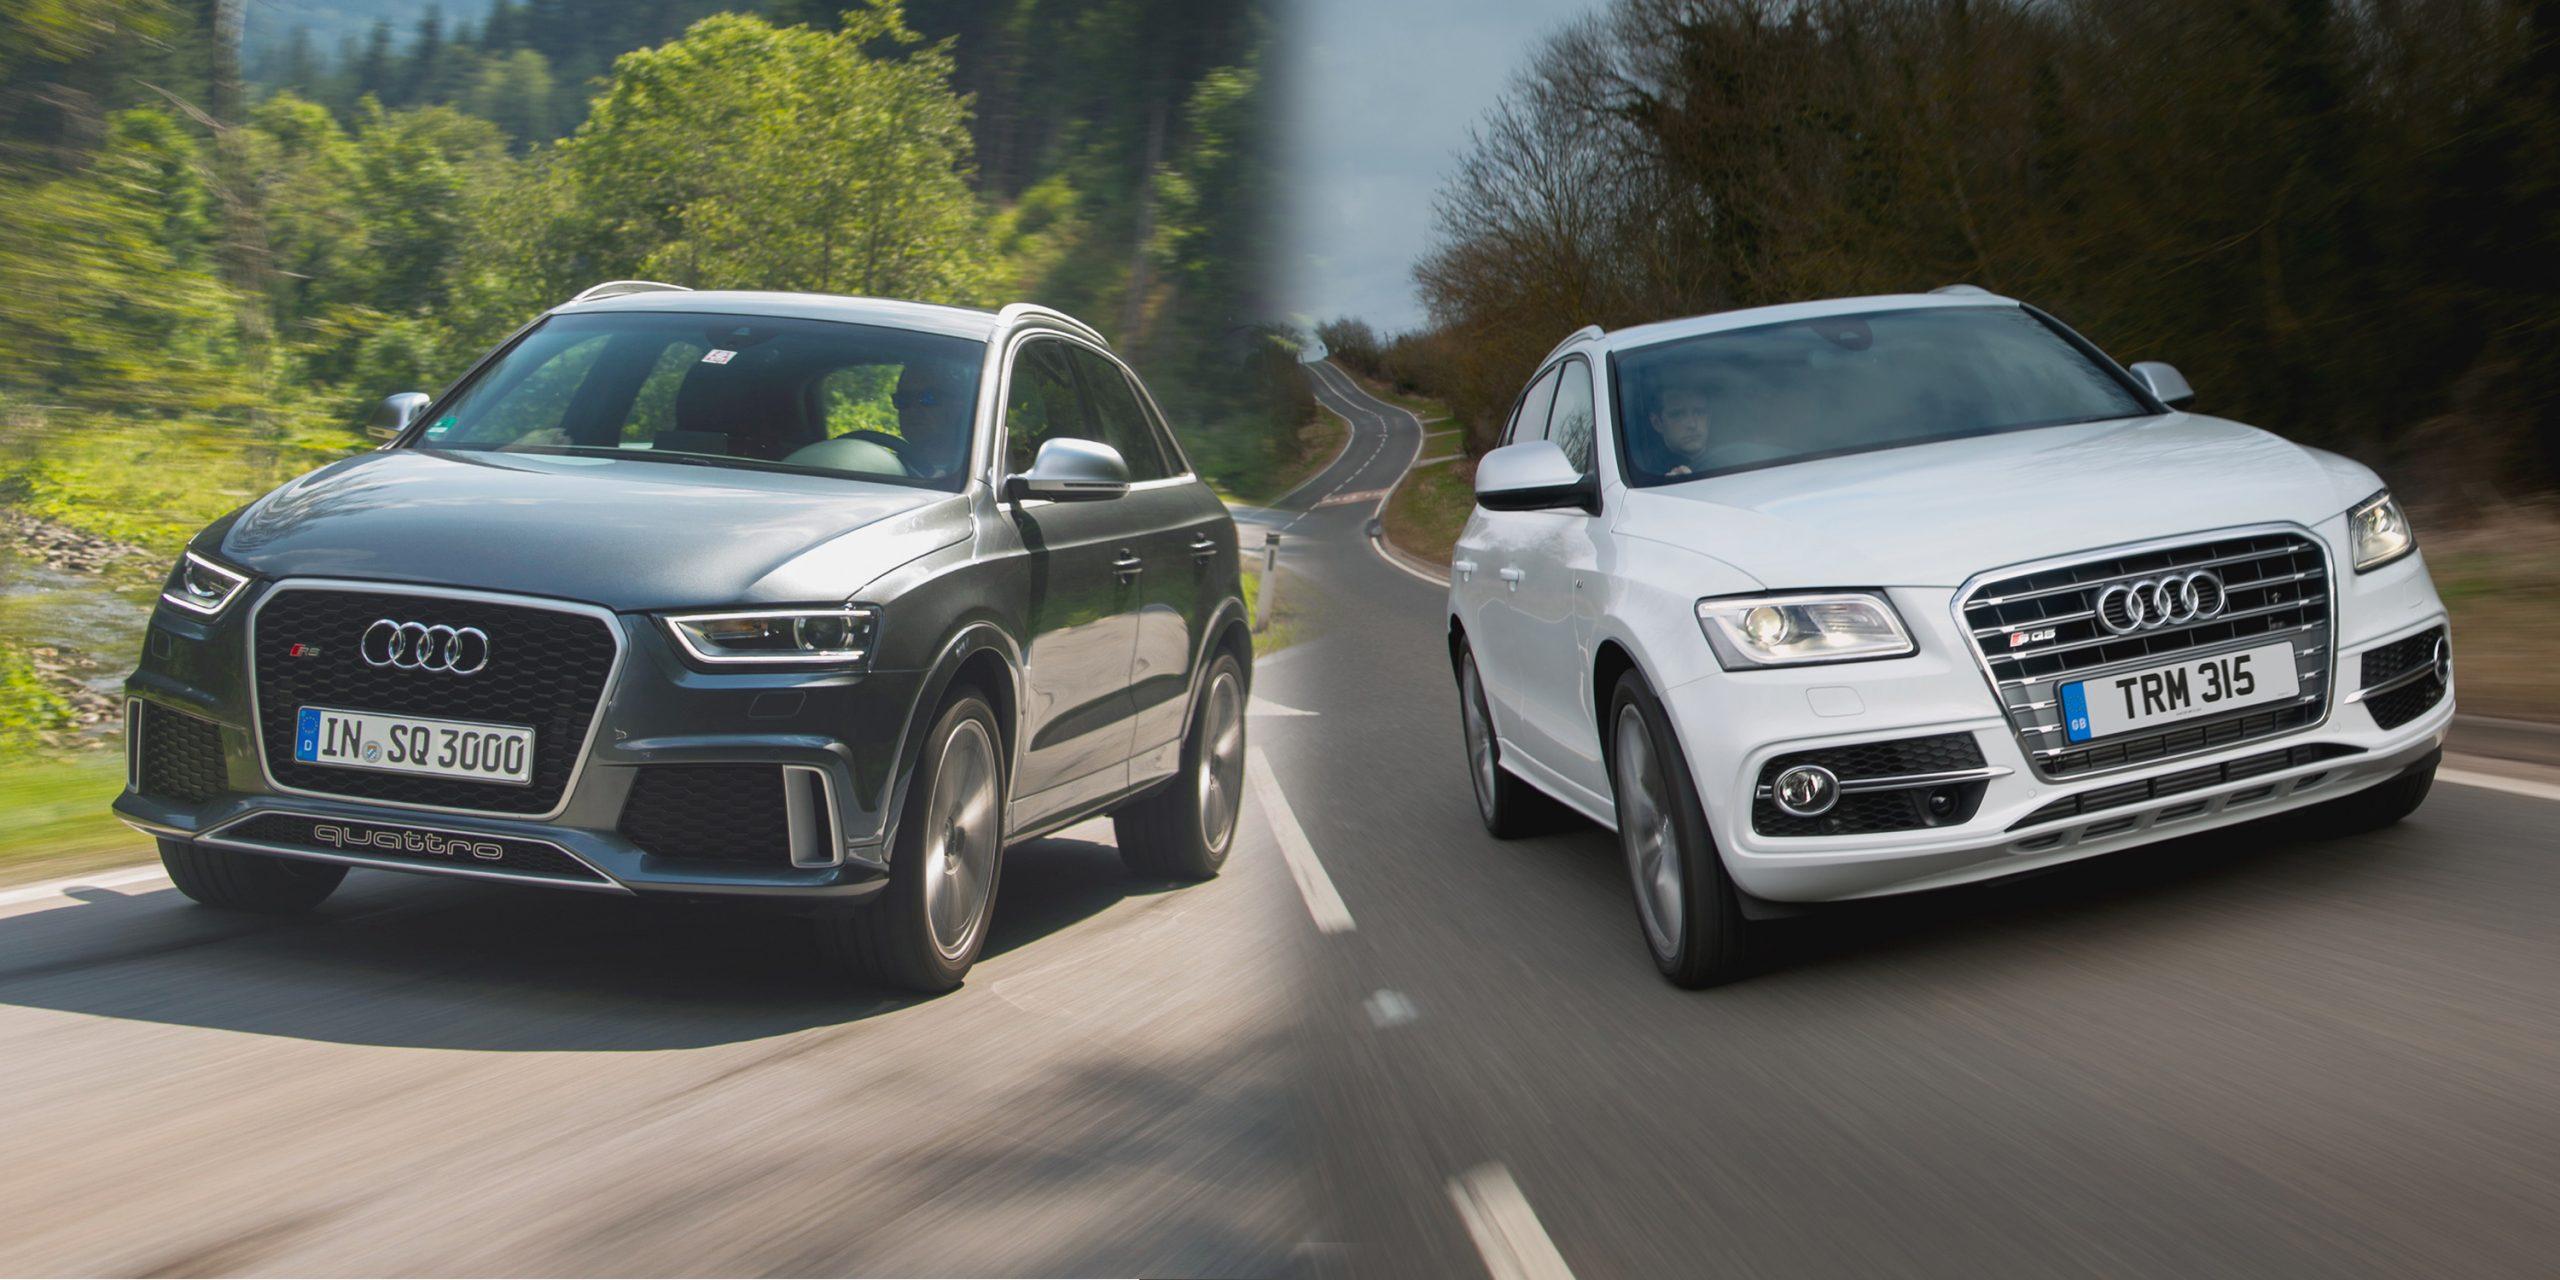 Audi Q7 and Audi Q3